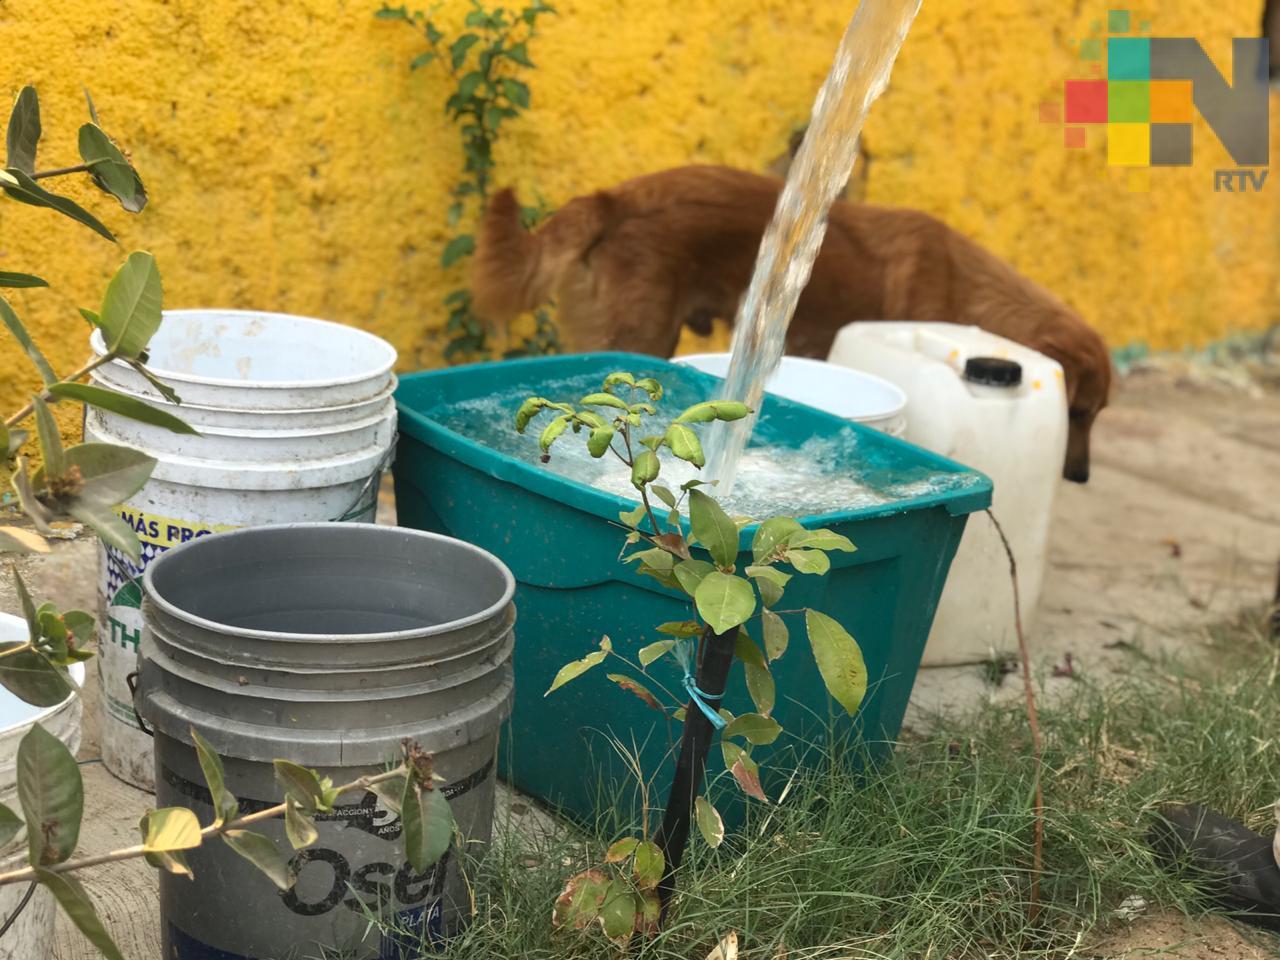 Municipios y organismos operadores de agua tienen cuentas por pagar: Orfis